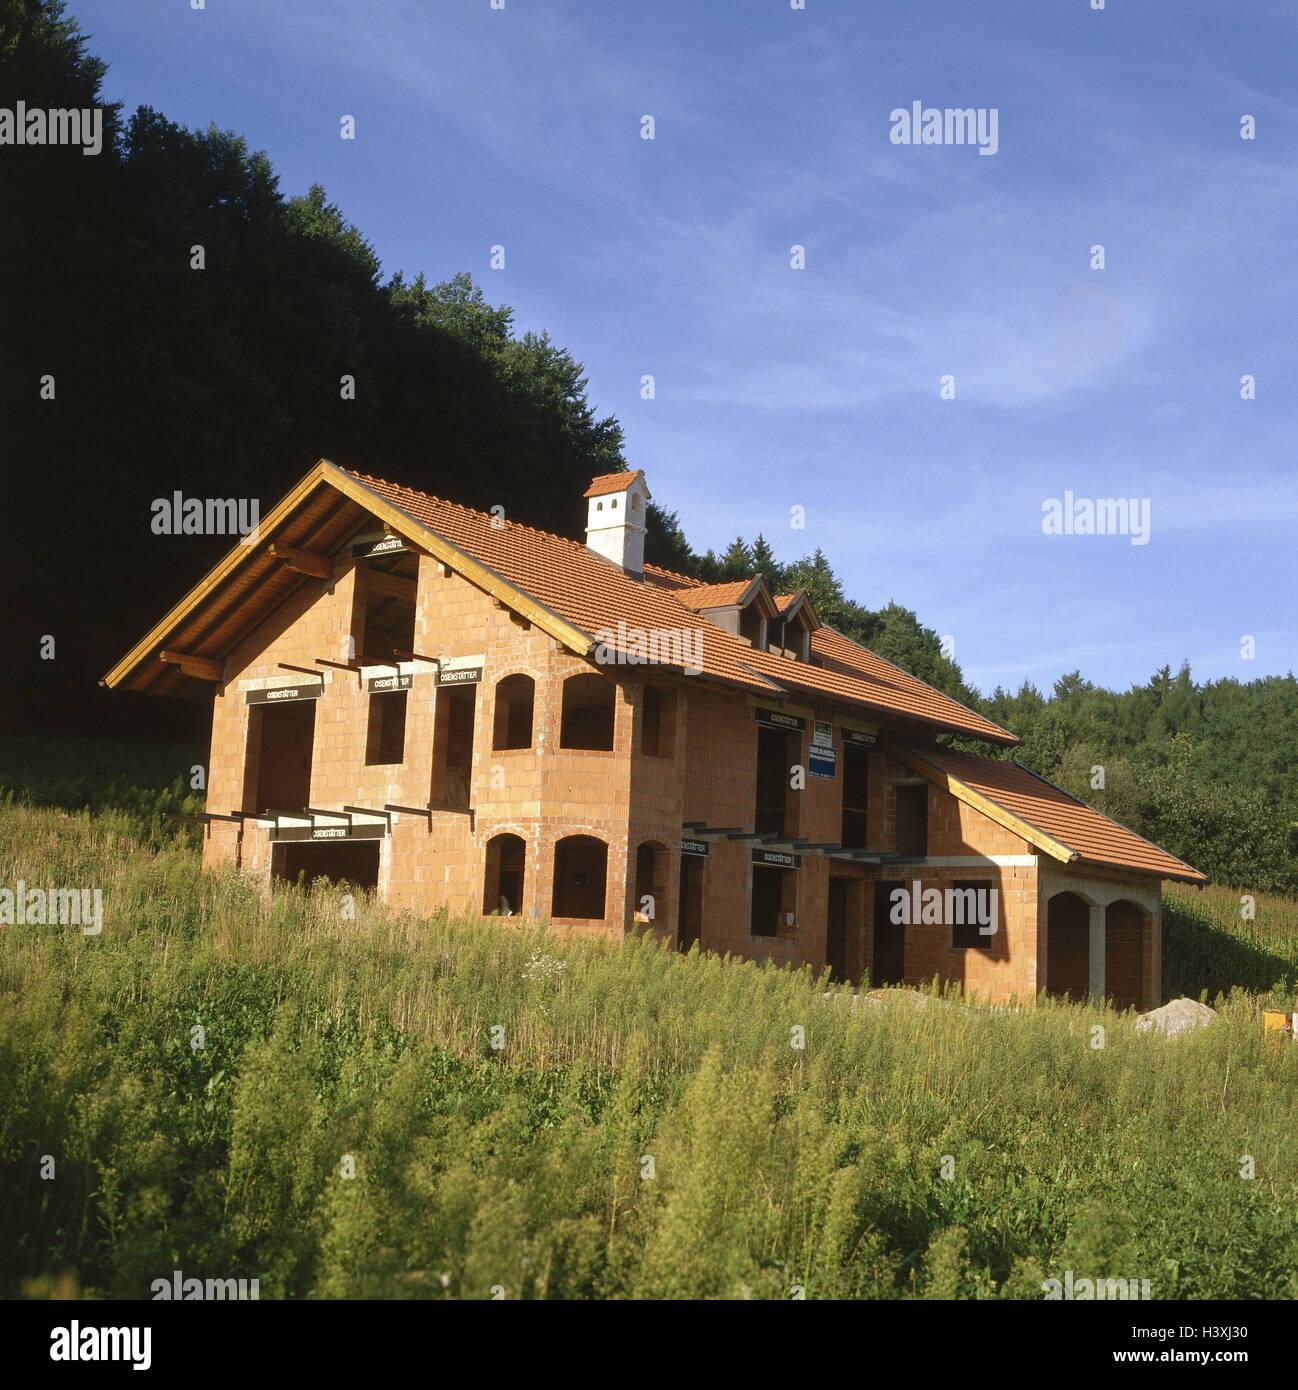 Wohnhaus Bauen einfamilienhaus garage shell haus bau ein haus bau bauen